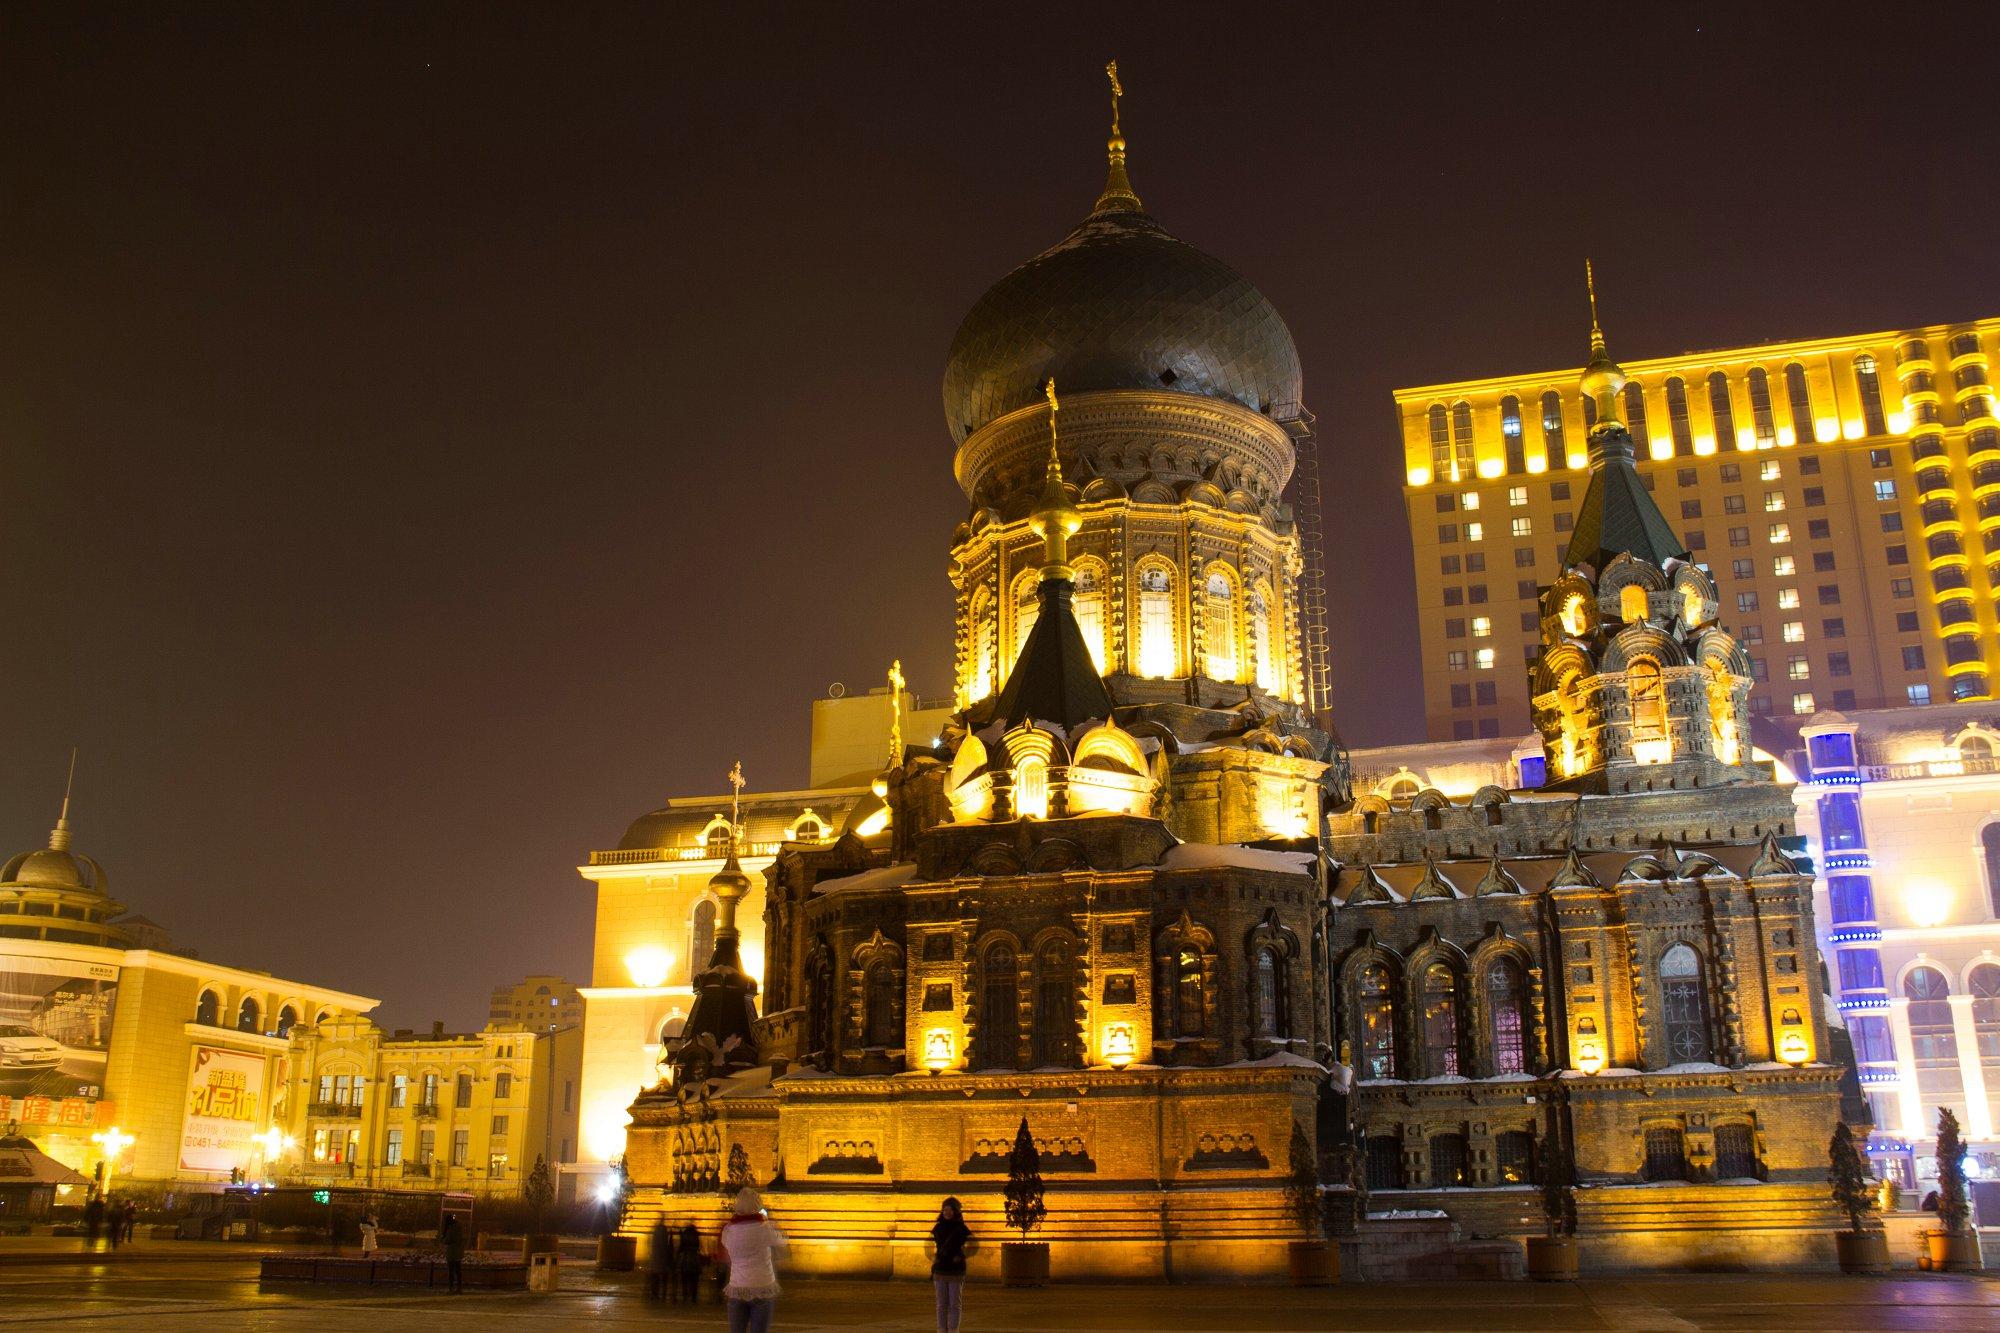 夜游索菲亚教堂